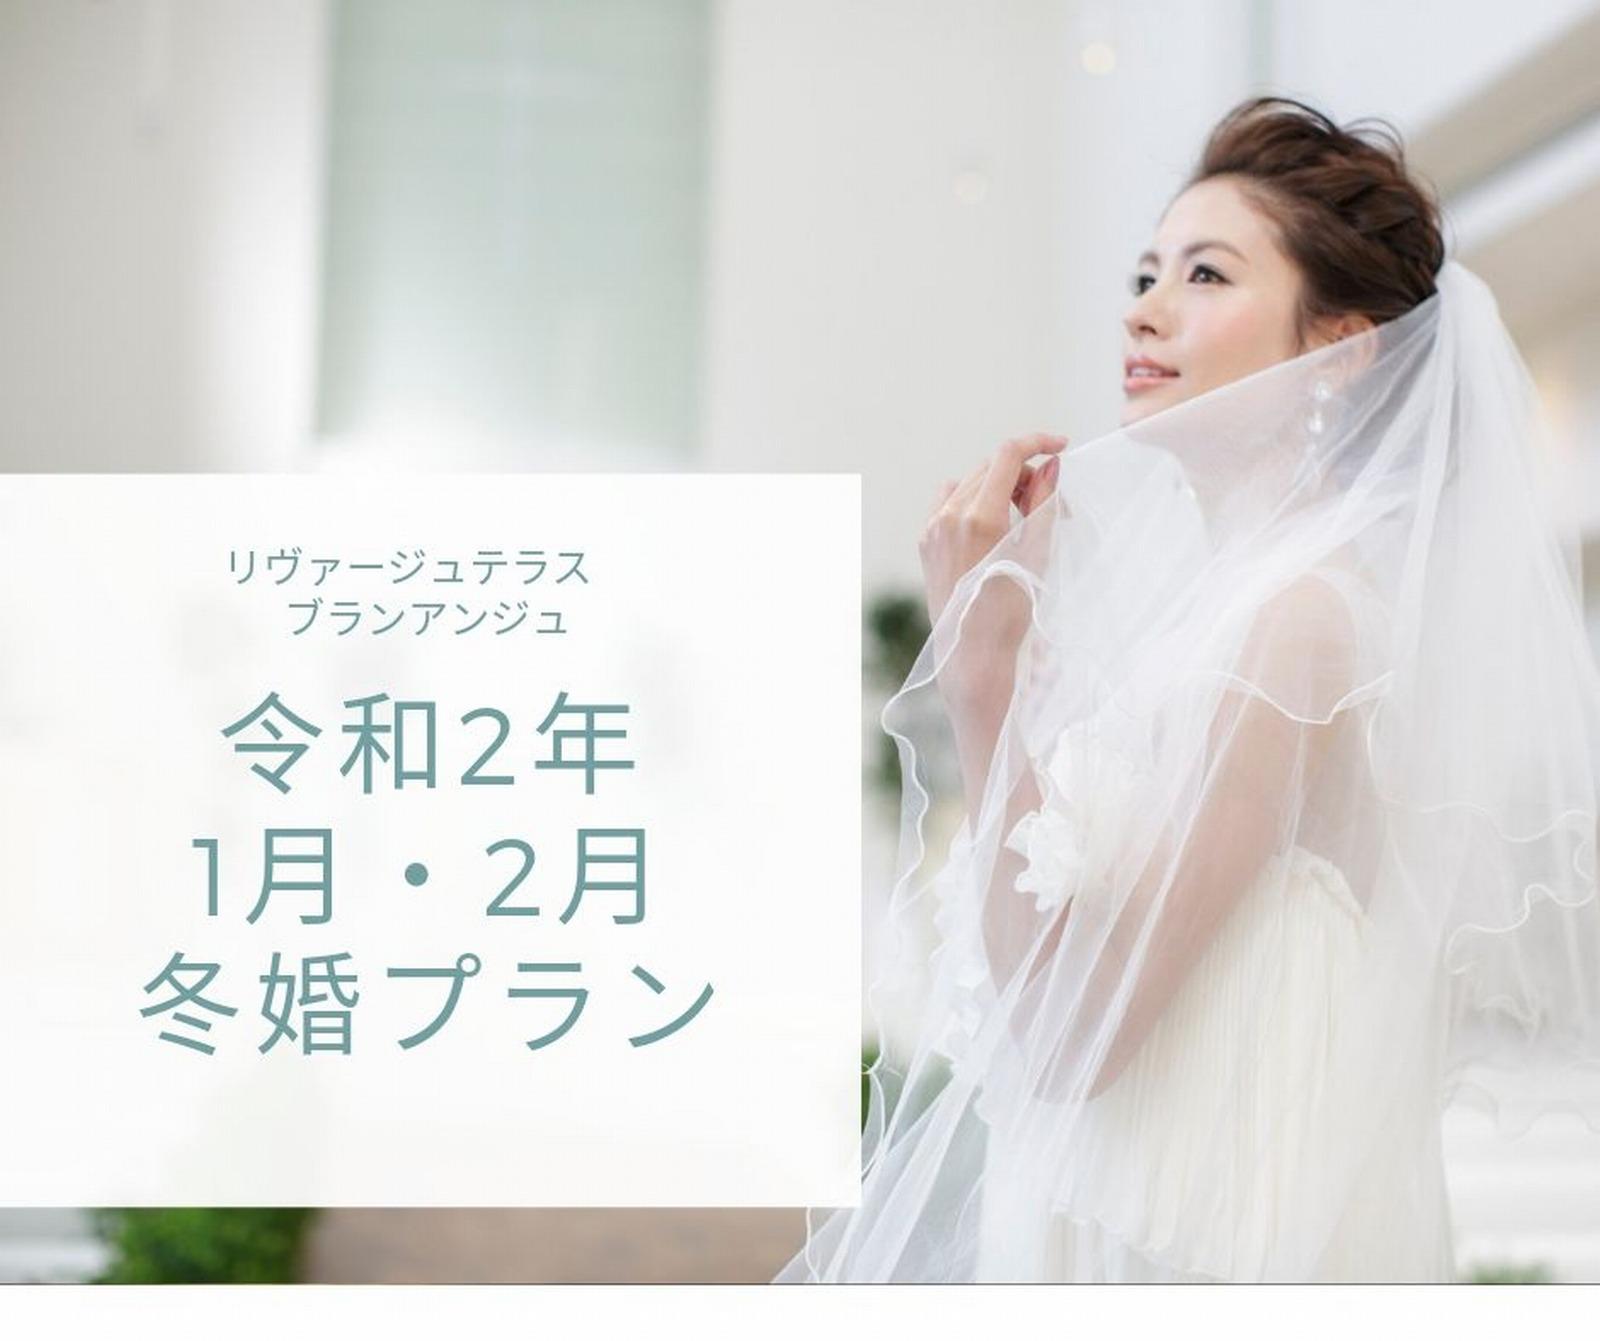 徳島市の結婚式場ブランアンジュの令和2年の冬婚プラン